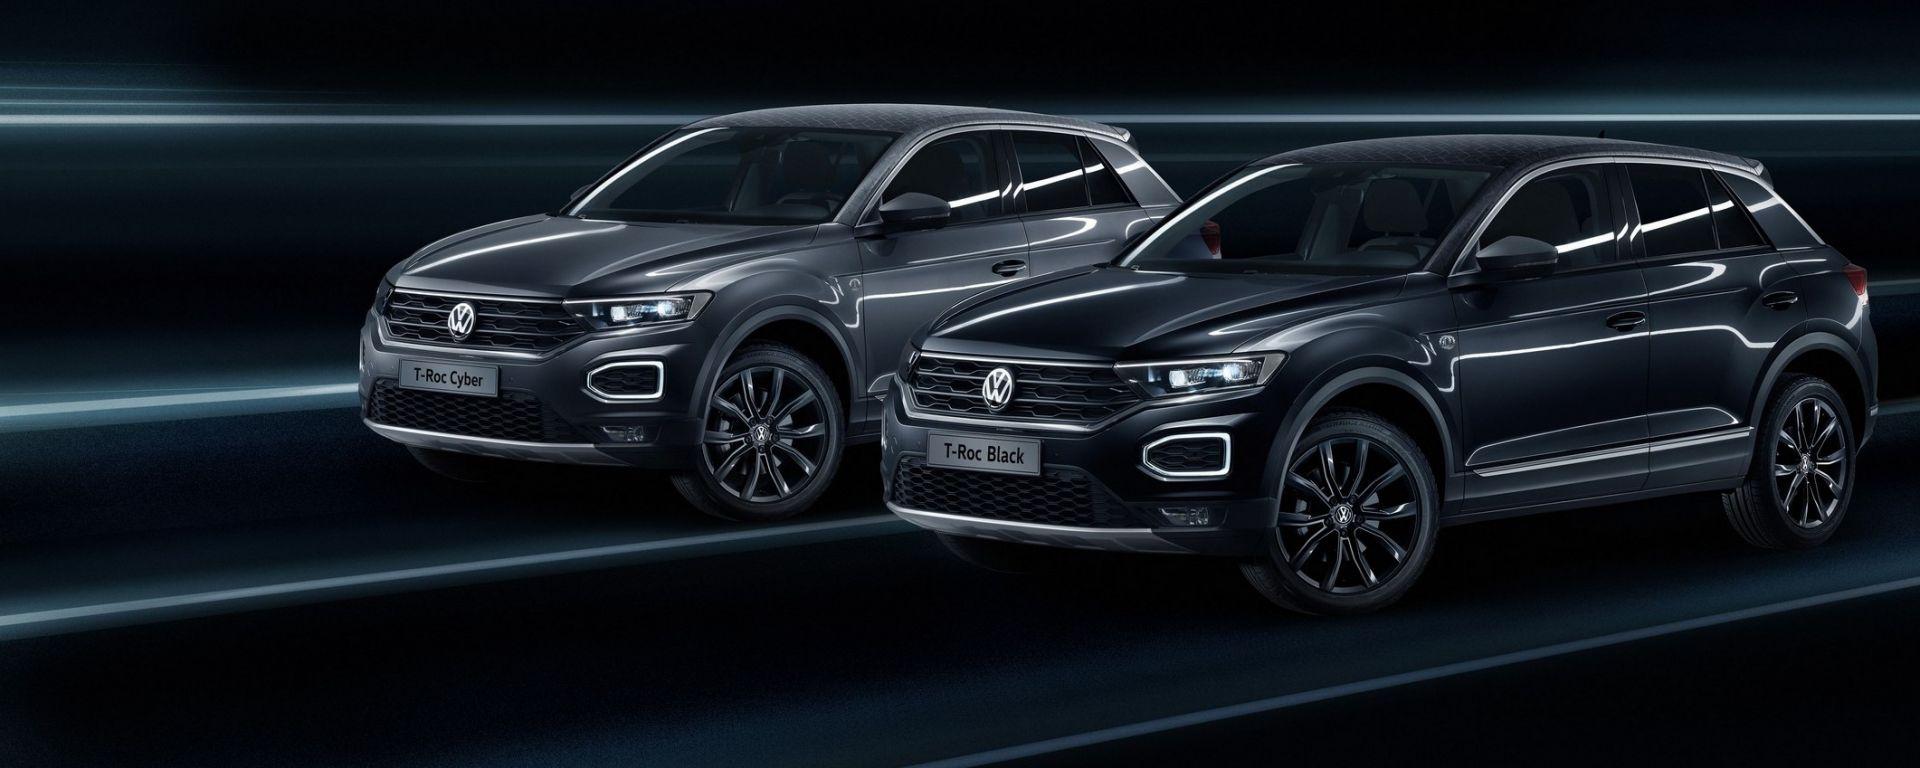 Vw T Roc >> Volkswagen T-Roc Black e Cyber Garage Italia Customs: il ...